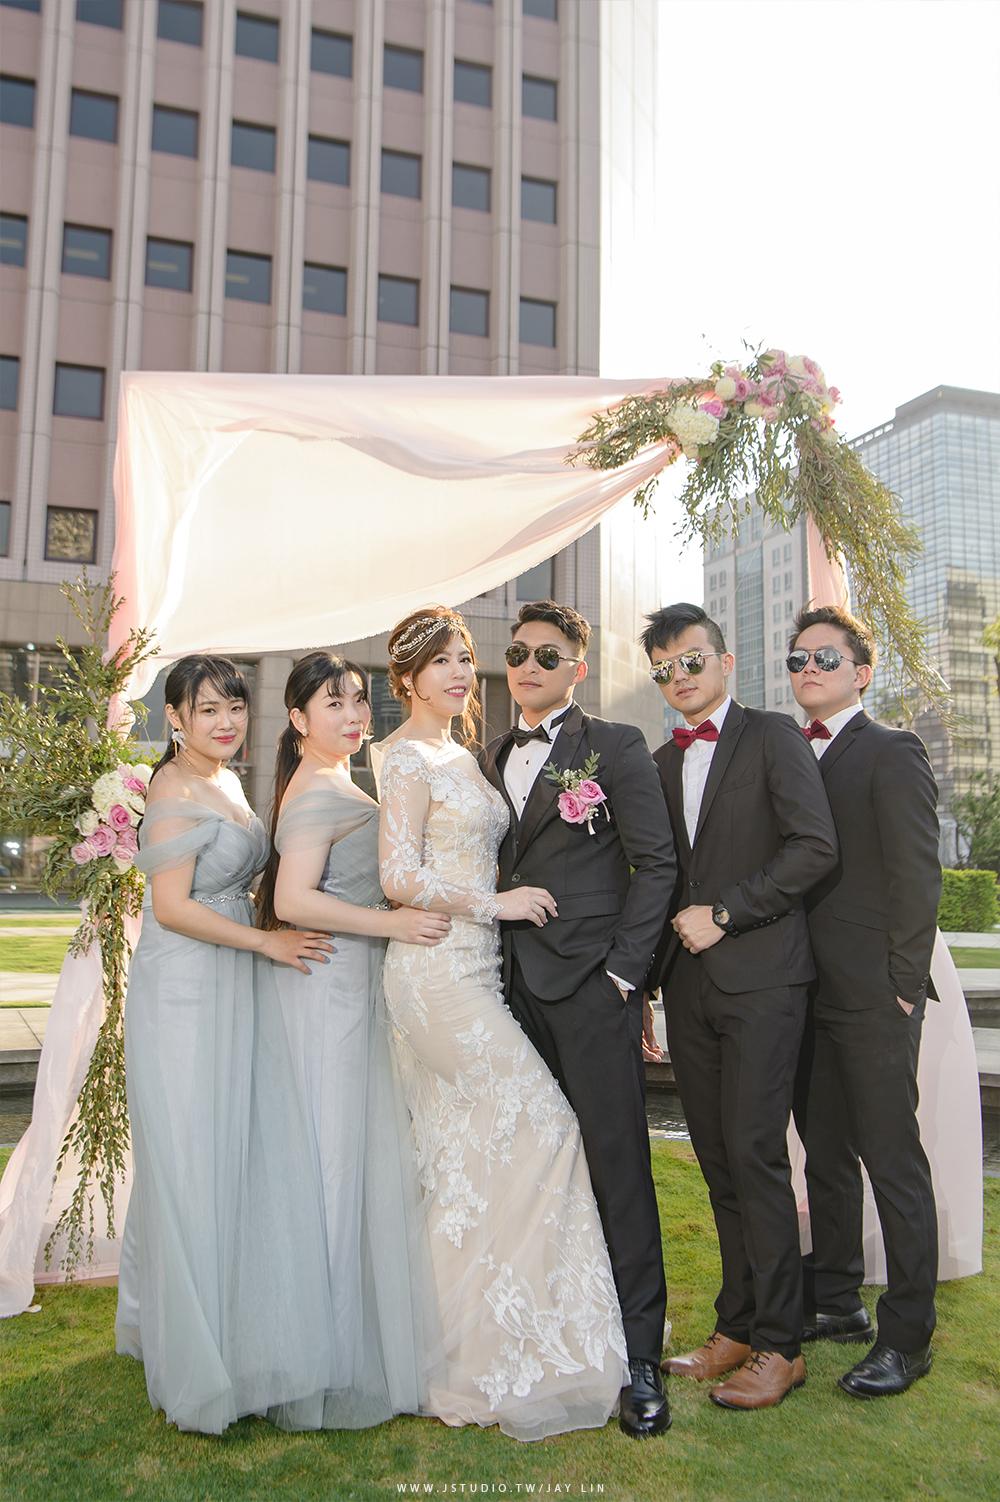 婚攝 台北婚攝 婚禮紀錄 婚攝 推薦婚攝 世貿三三 JSTUDIO_0052